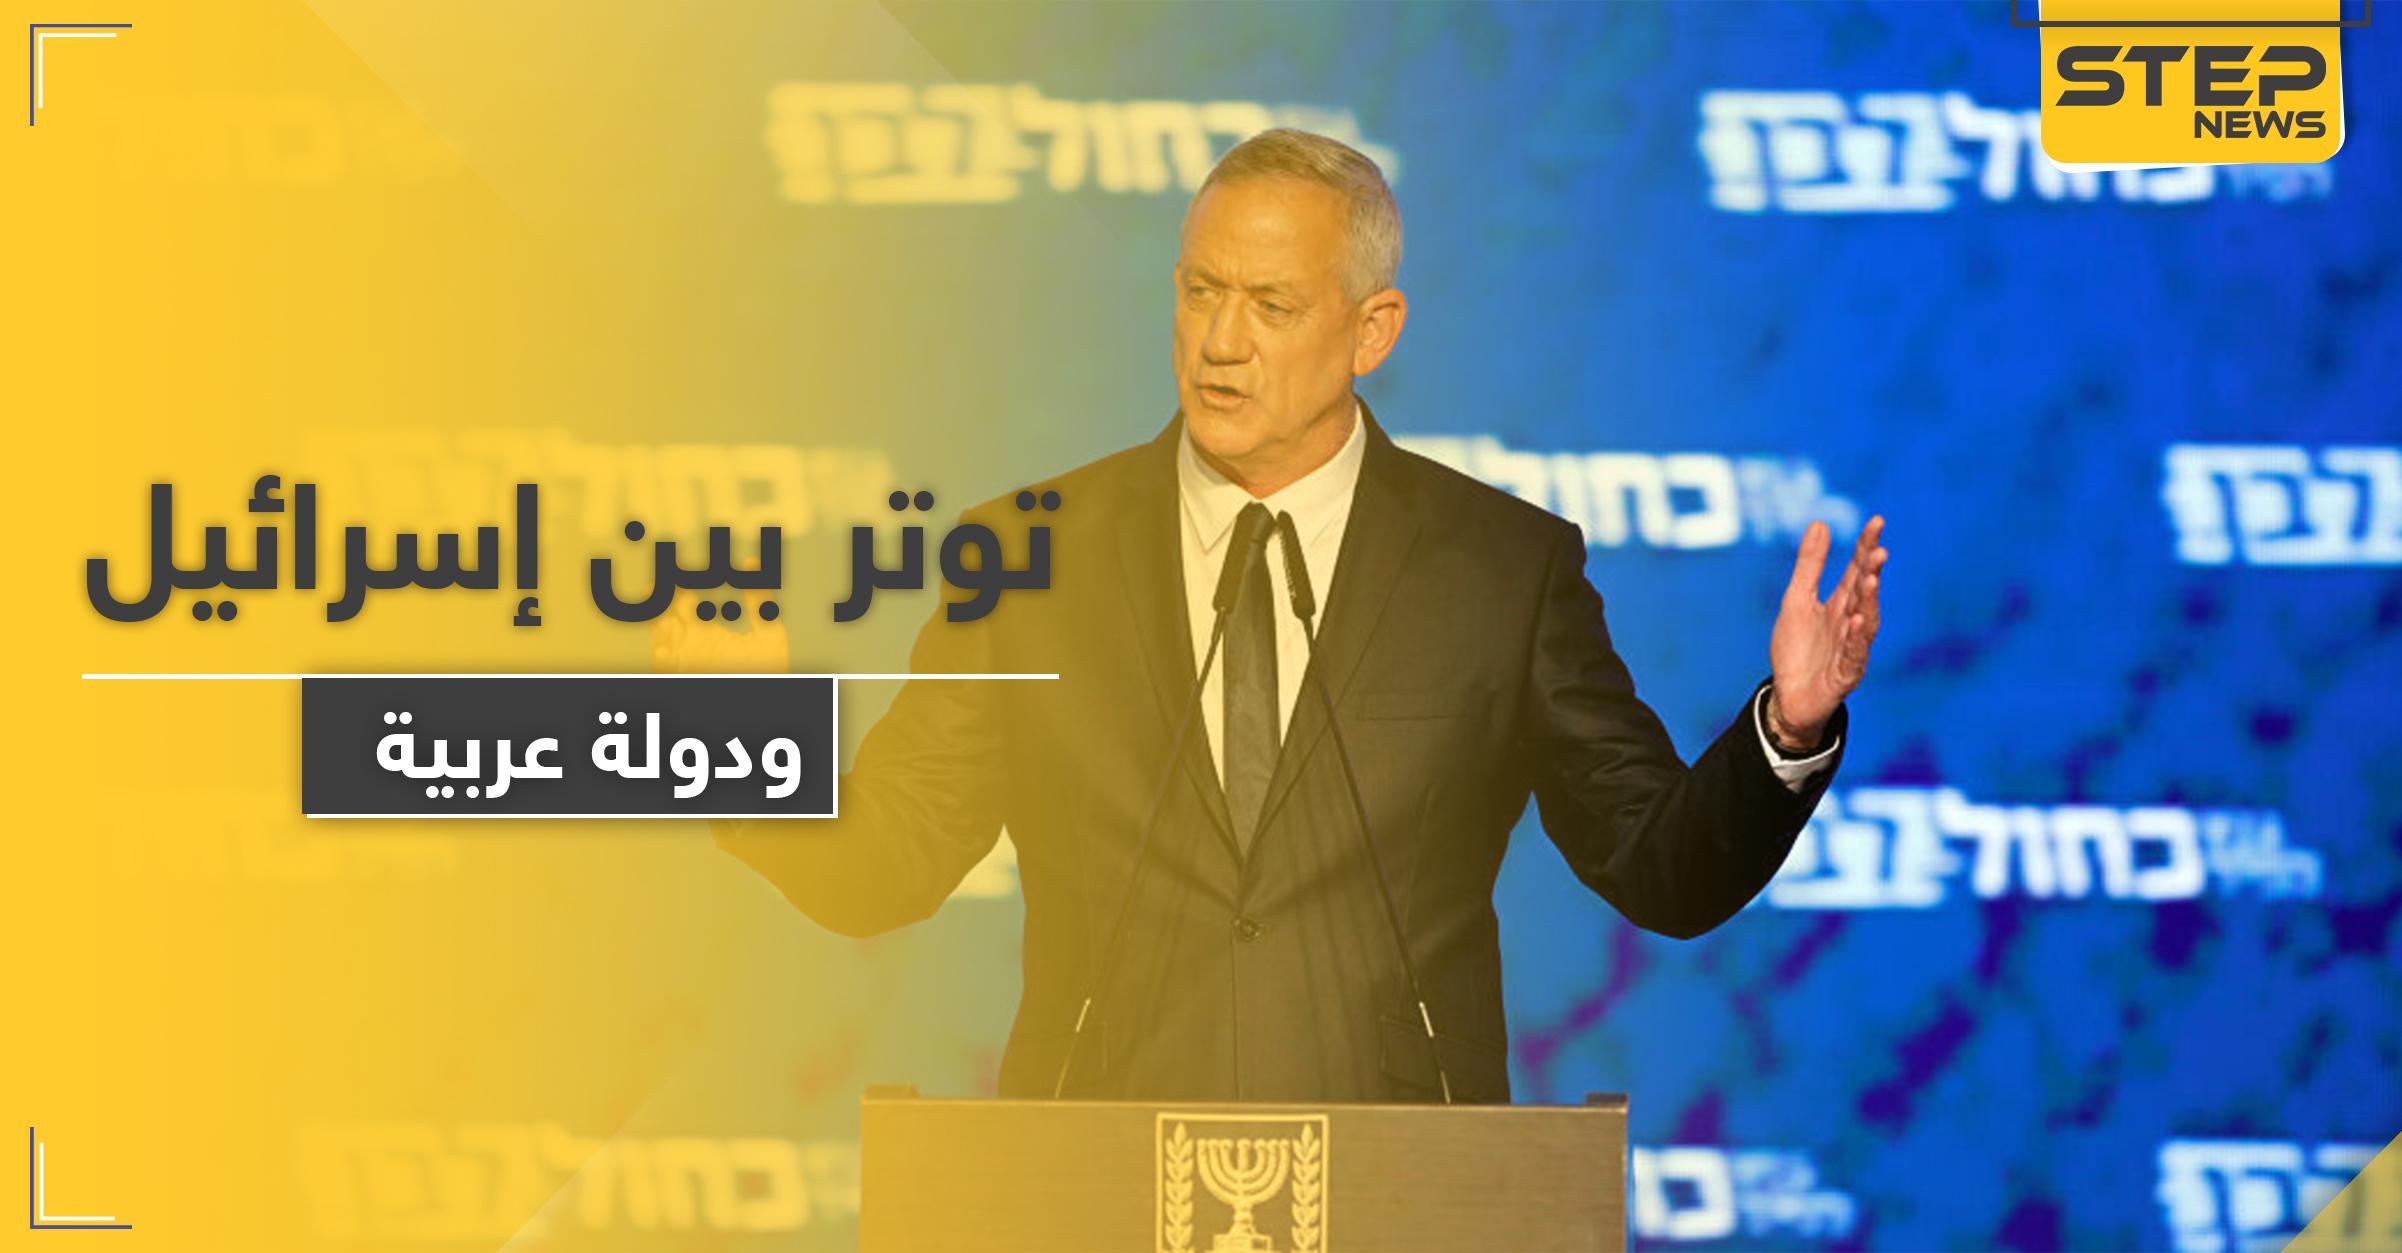 زعيم عربي يوعز بإيقاف التعامل مع إسرائيل ويرفض لقاء مسؤوليها والأخيرة تتجه لدول أخرى